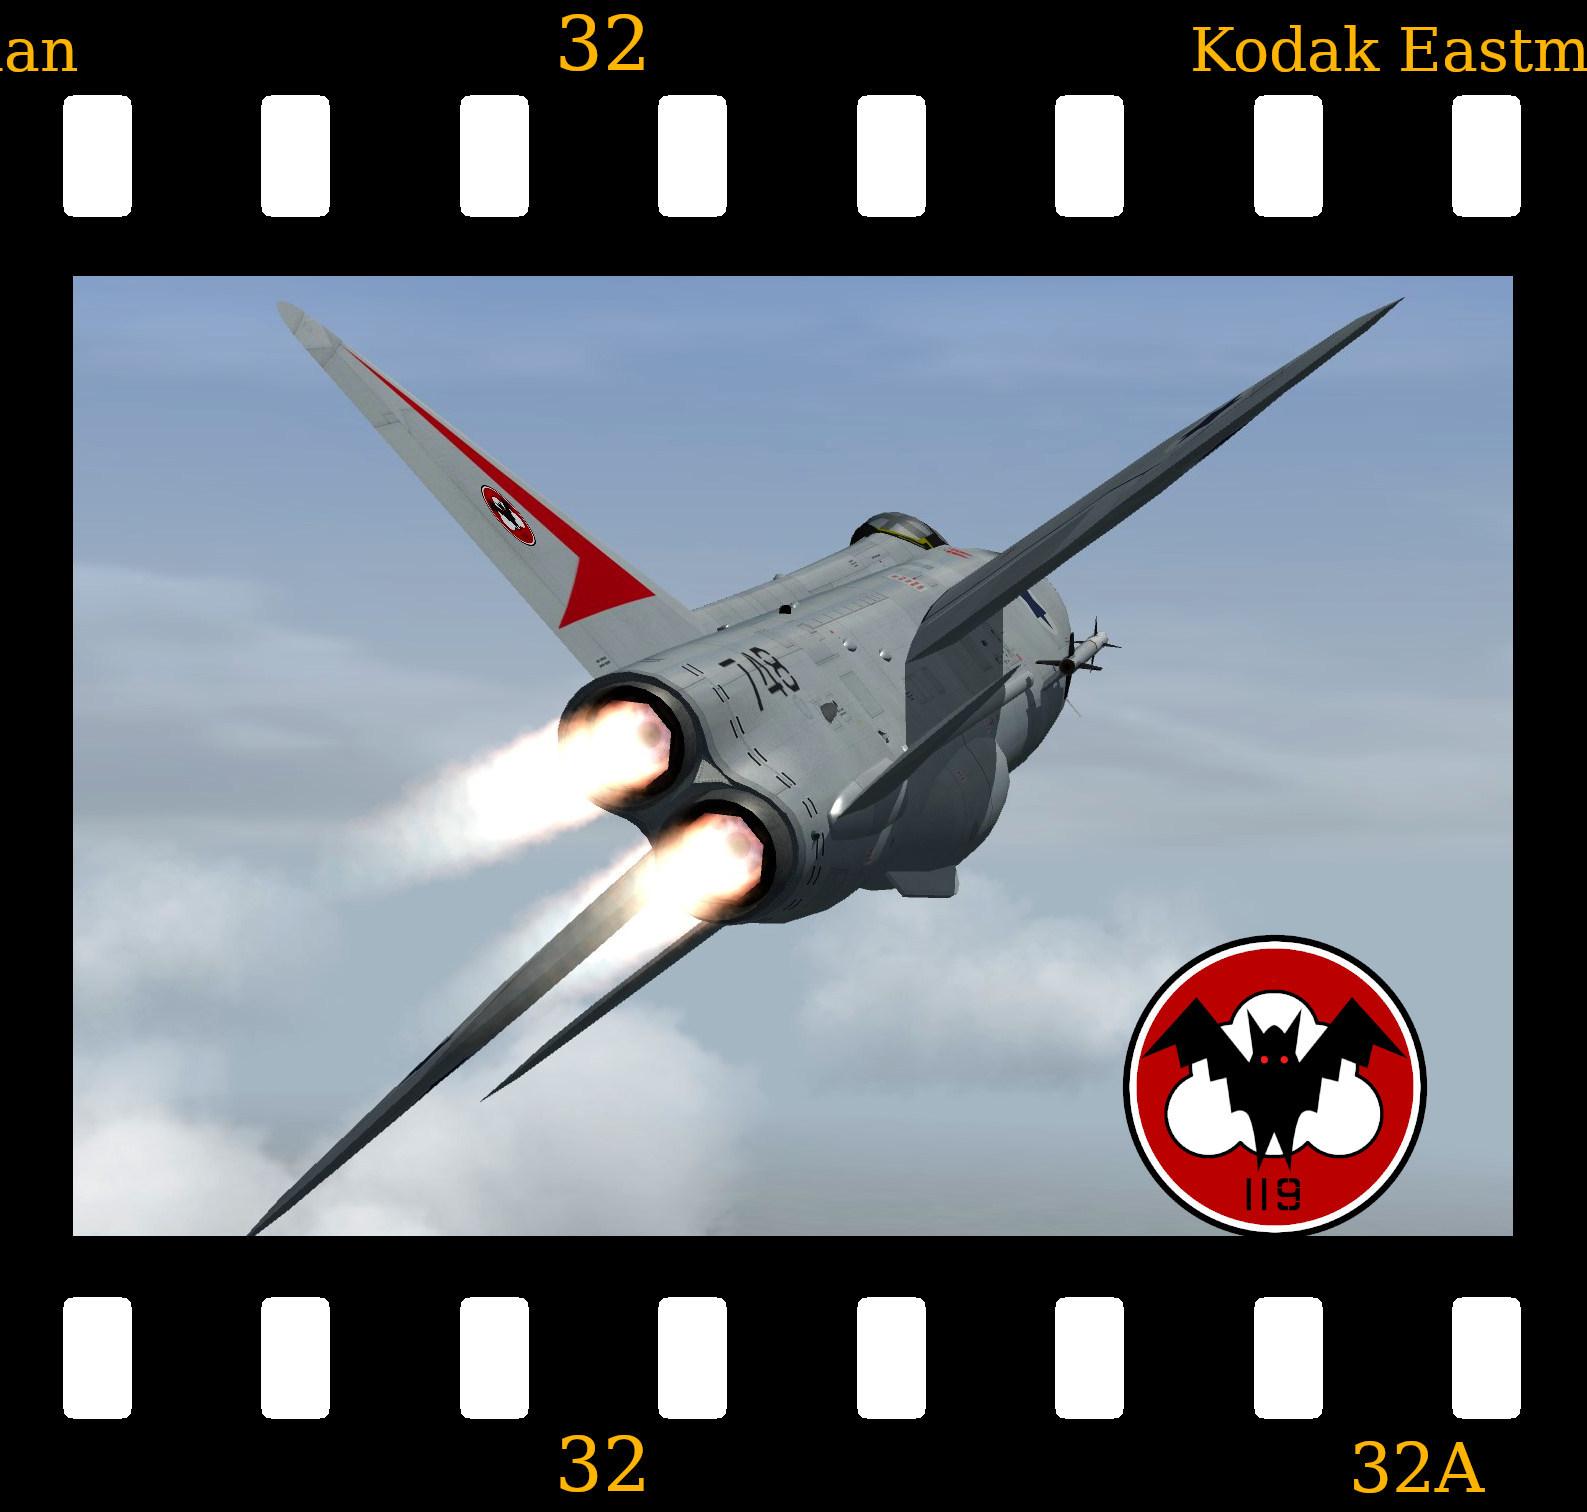 [Fictional] BAC Lighting F.Mk.51 IDF/AF